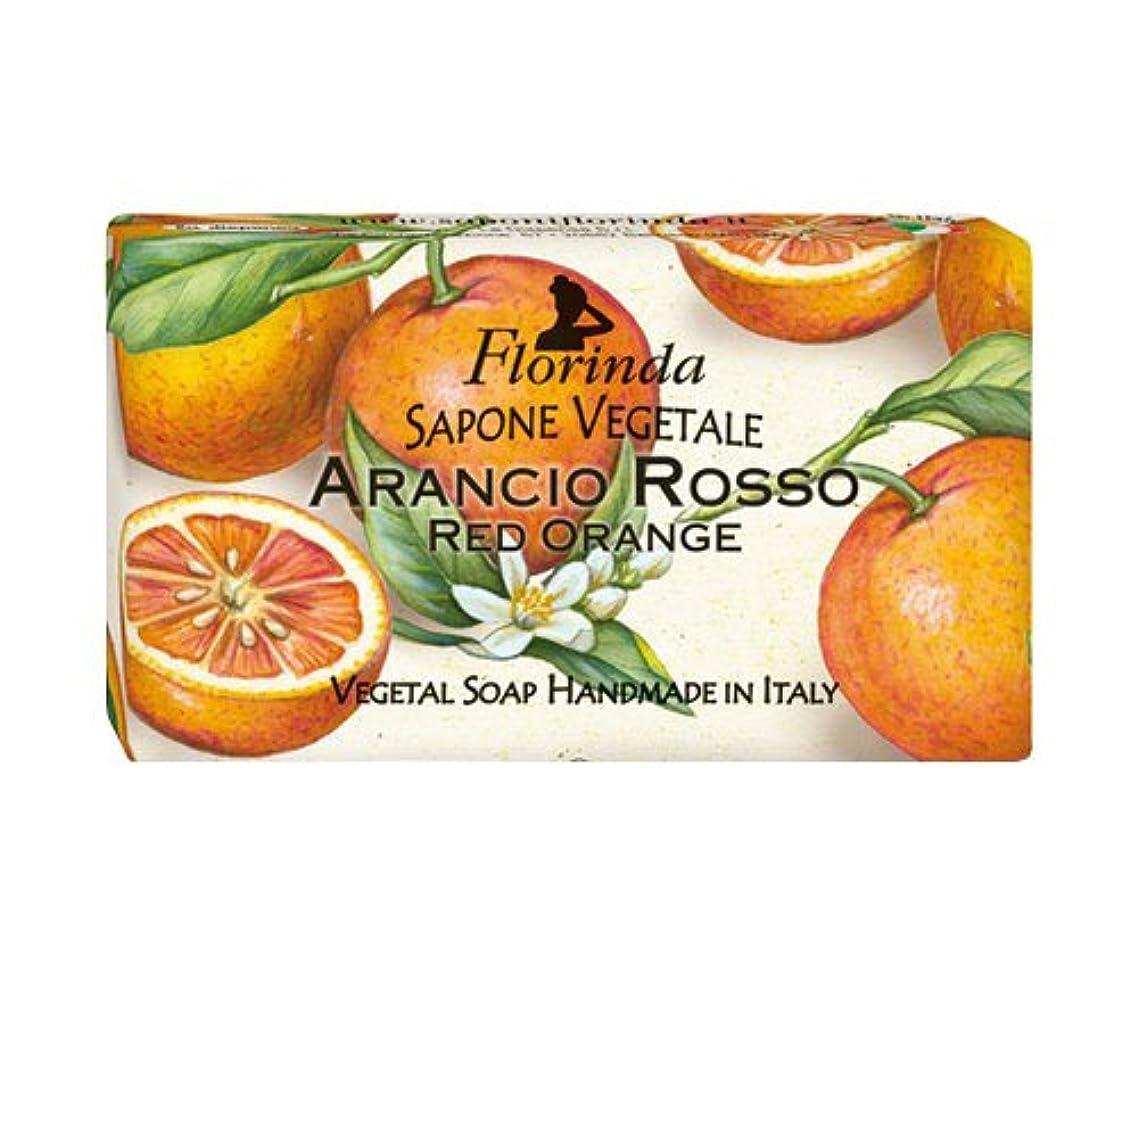 血色の良いデイジーリッチフロリンダ フレグランスソープ フルーツ レッドオレンジ 95g